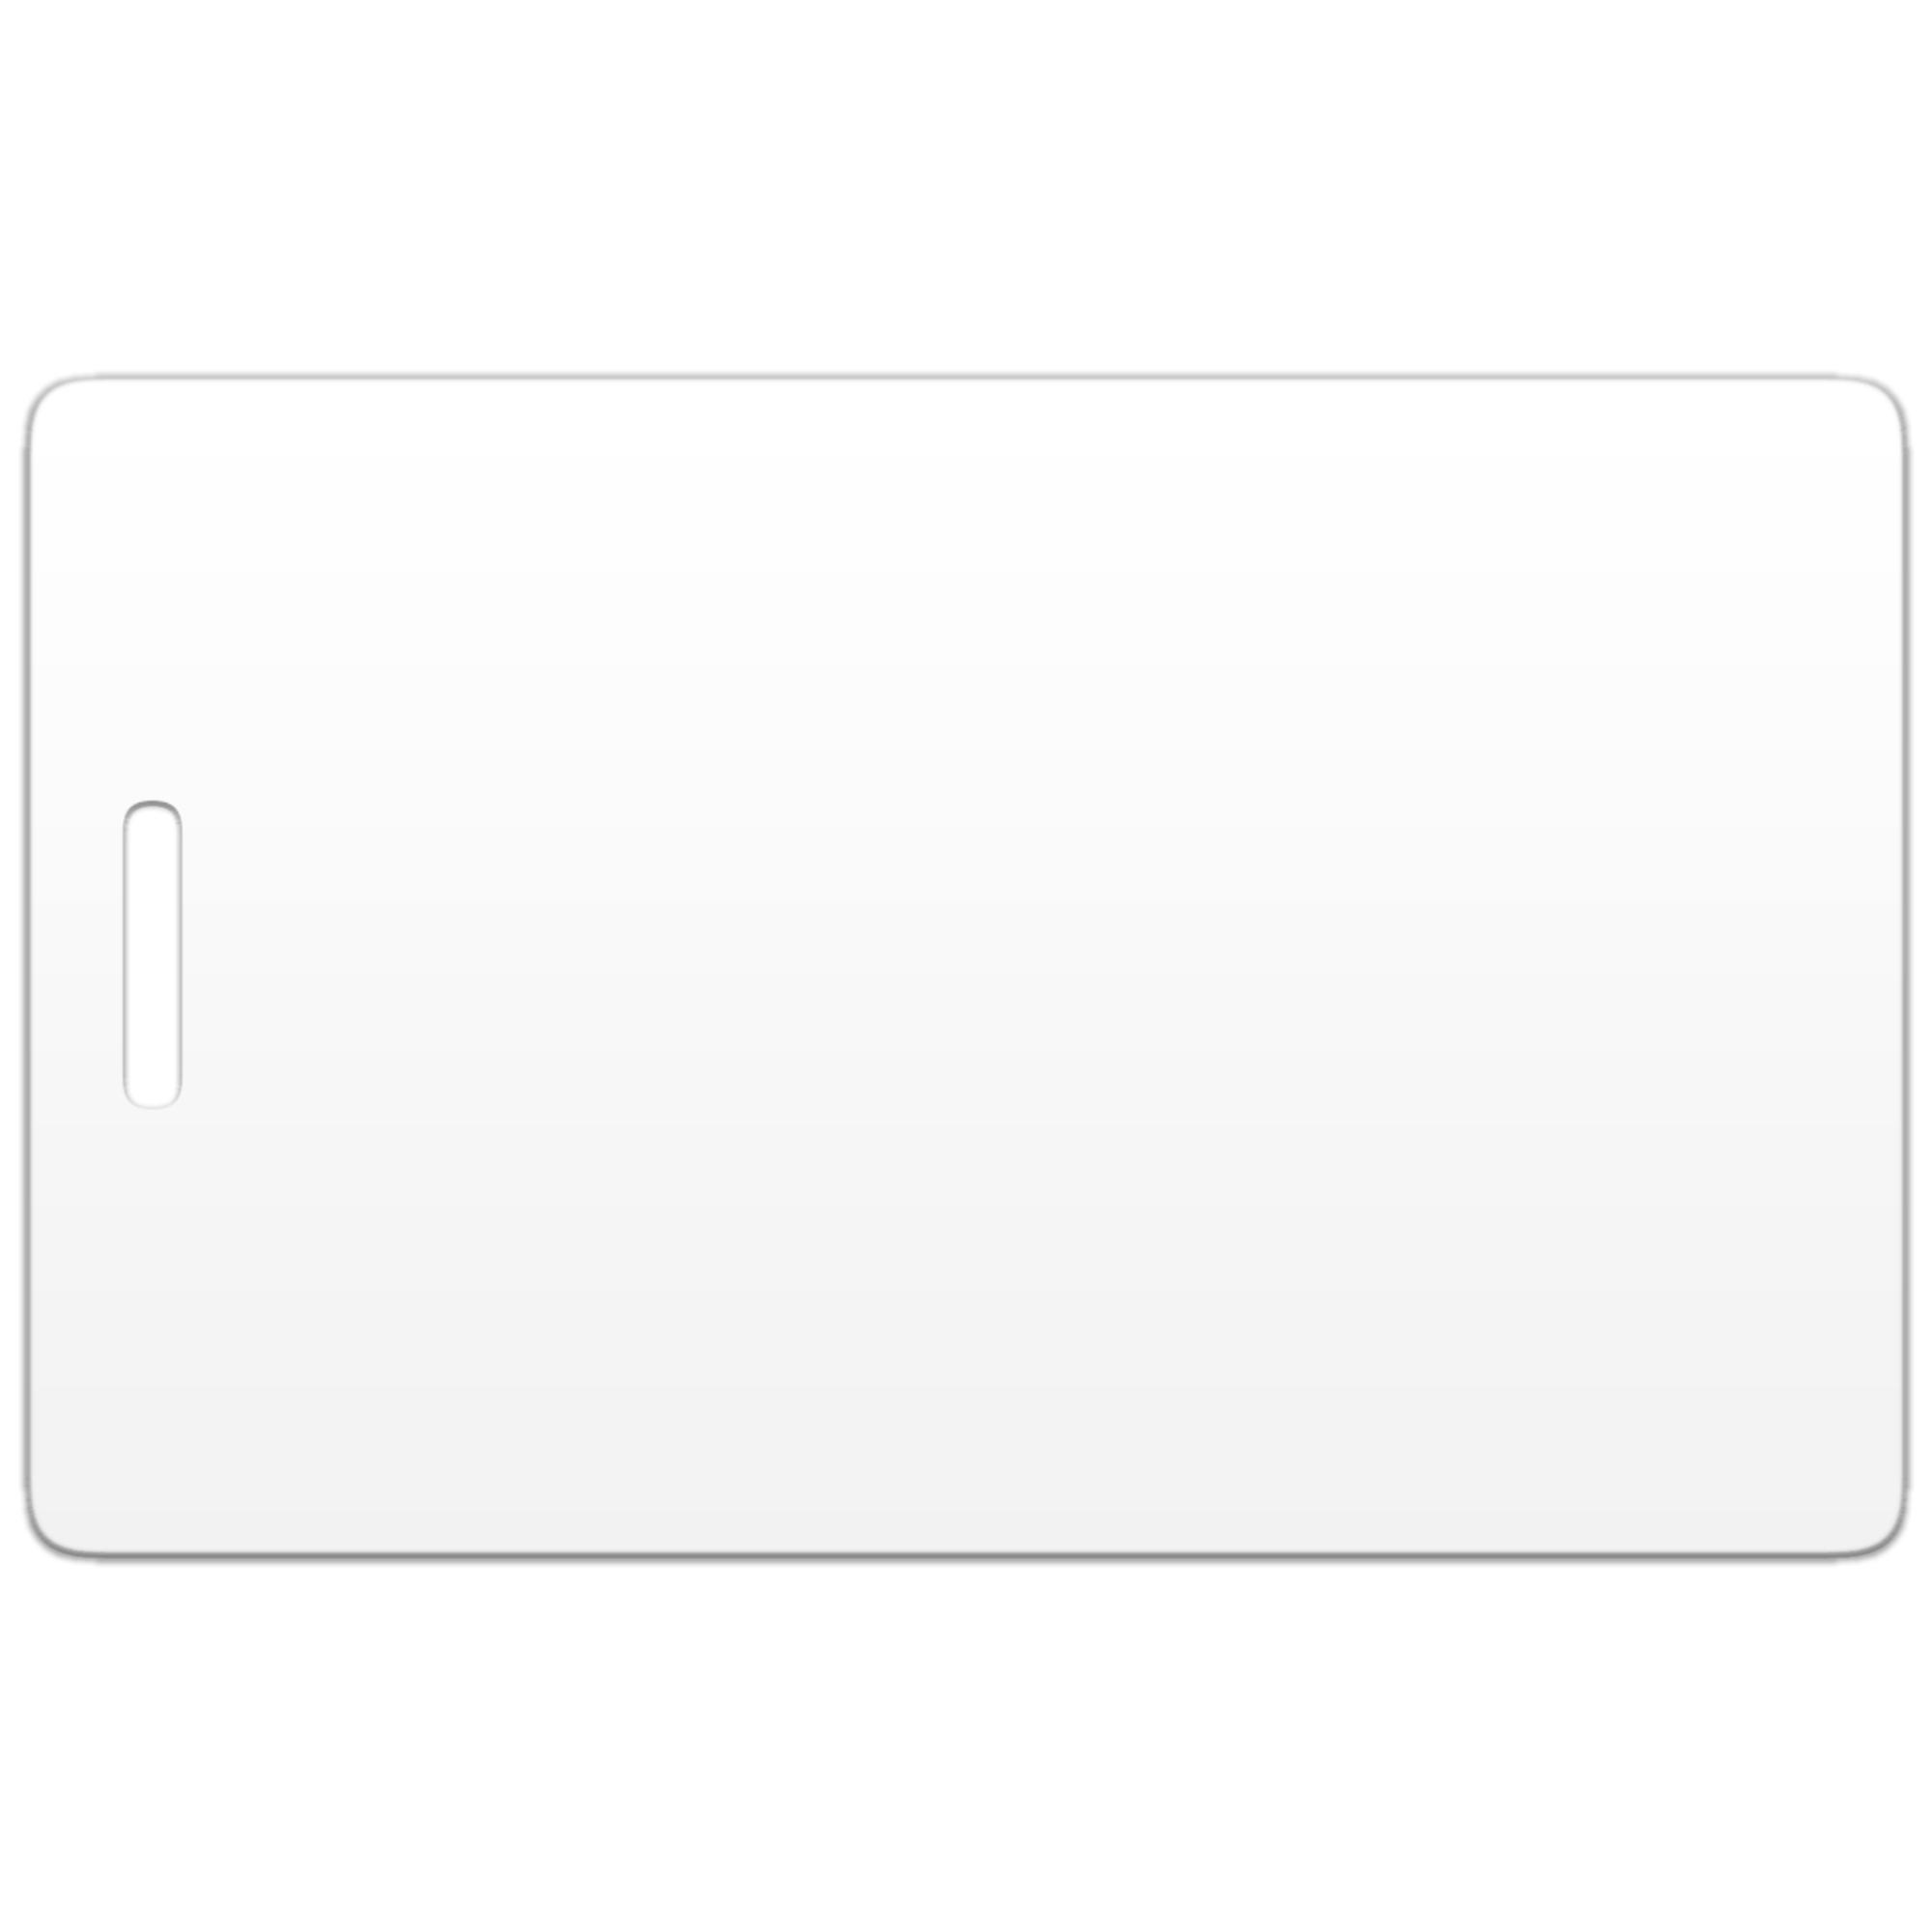 Бесконтактная пластиковая RFID-карта с чипом Mifare 1K